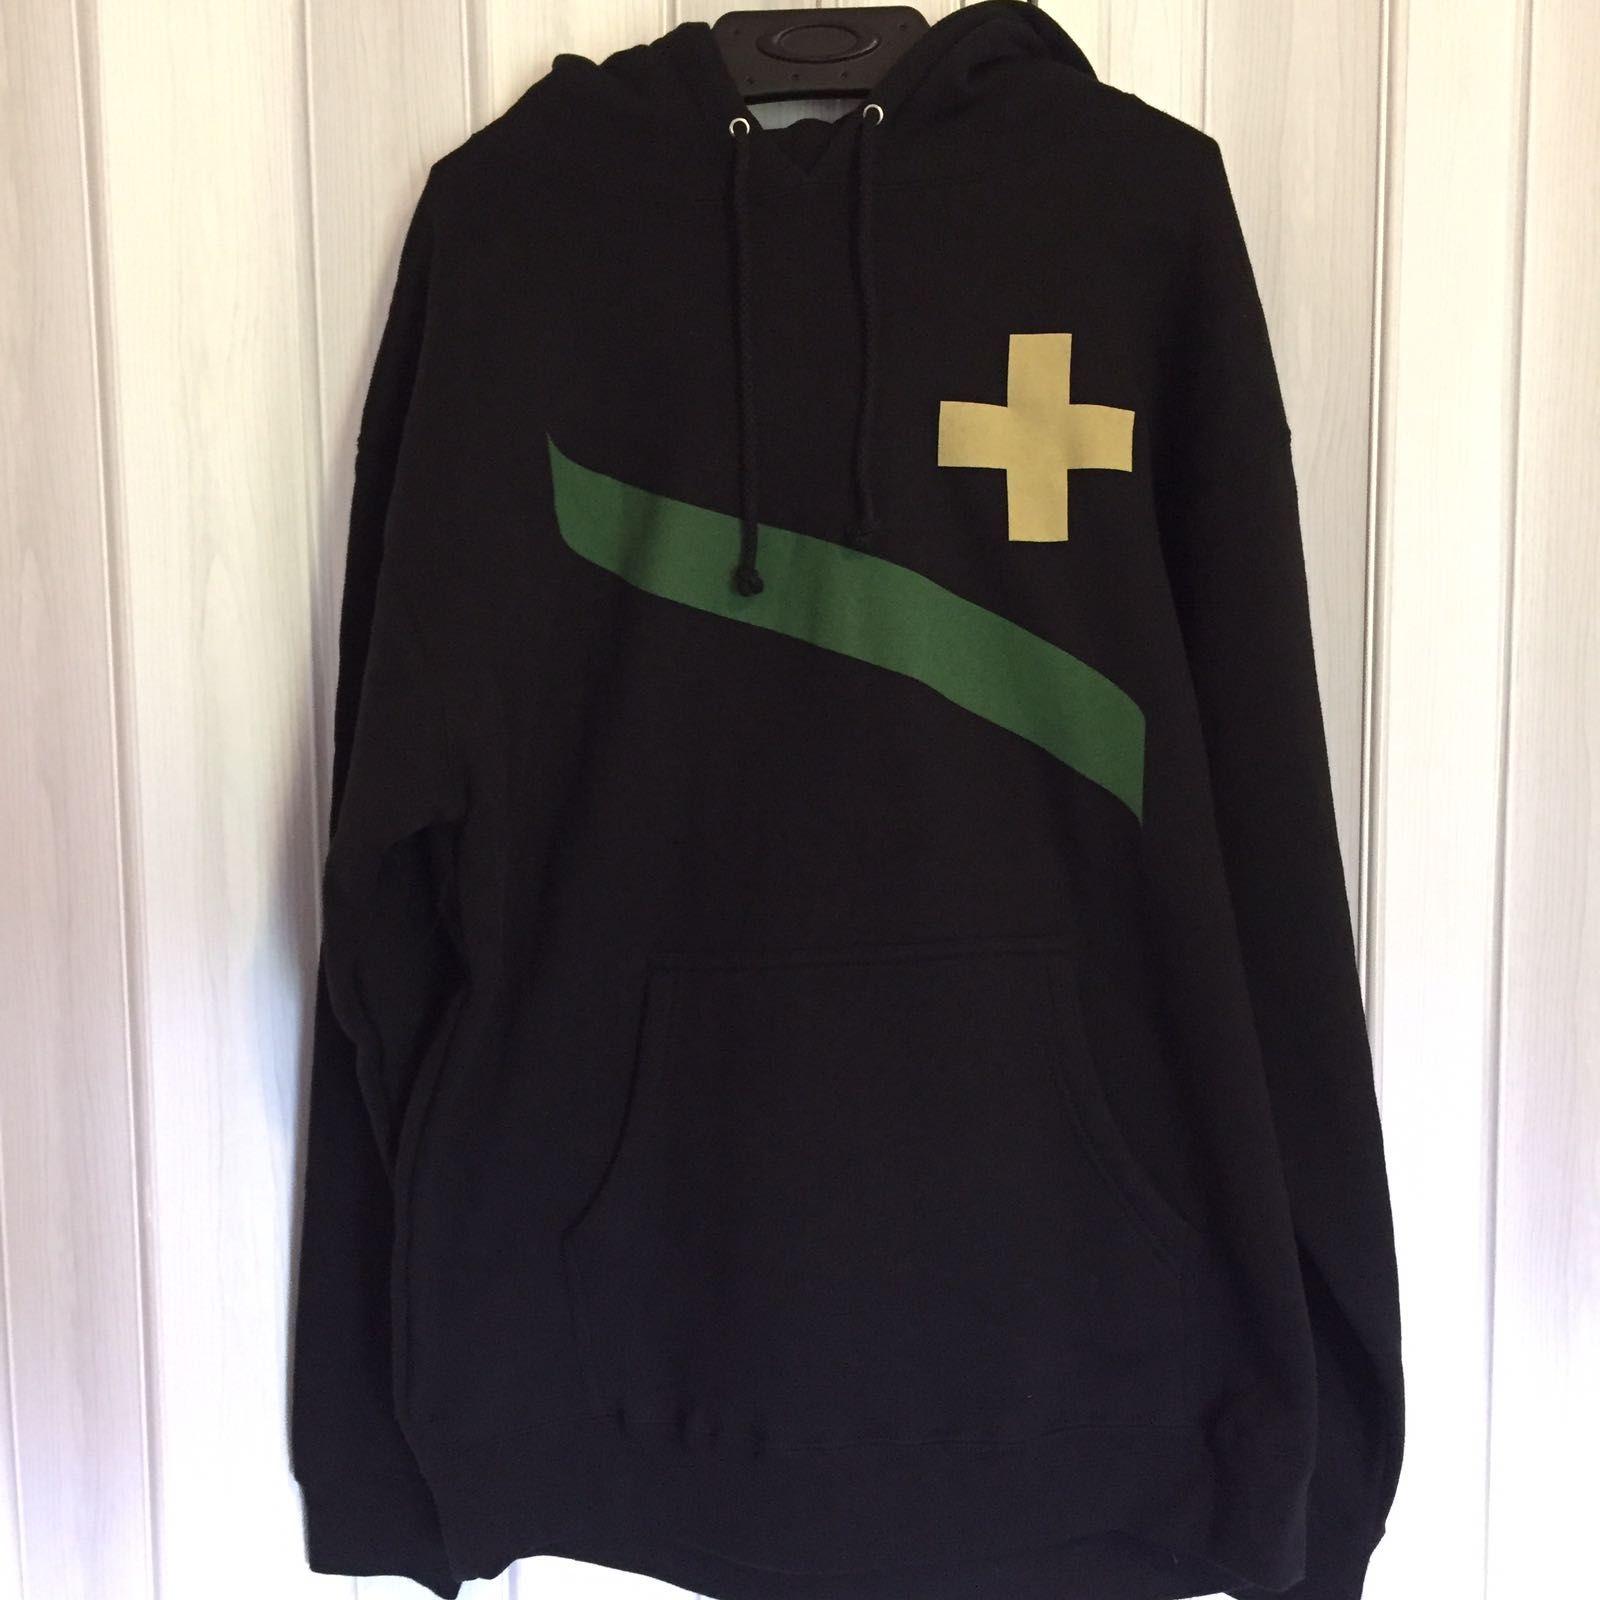 oakley common thread hoodie - 02c4c225-50bc-4a89-bb9d-8faac33c7bcc.jpeg